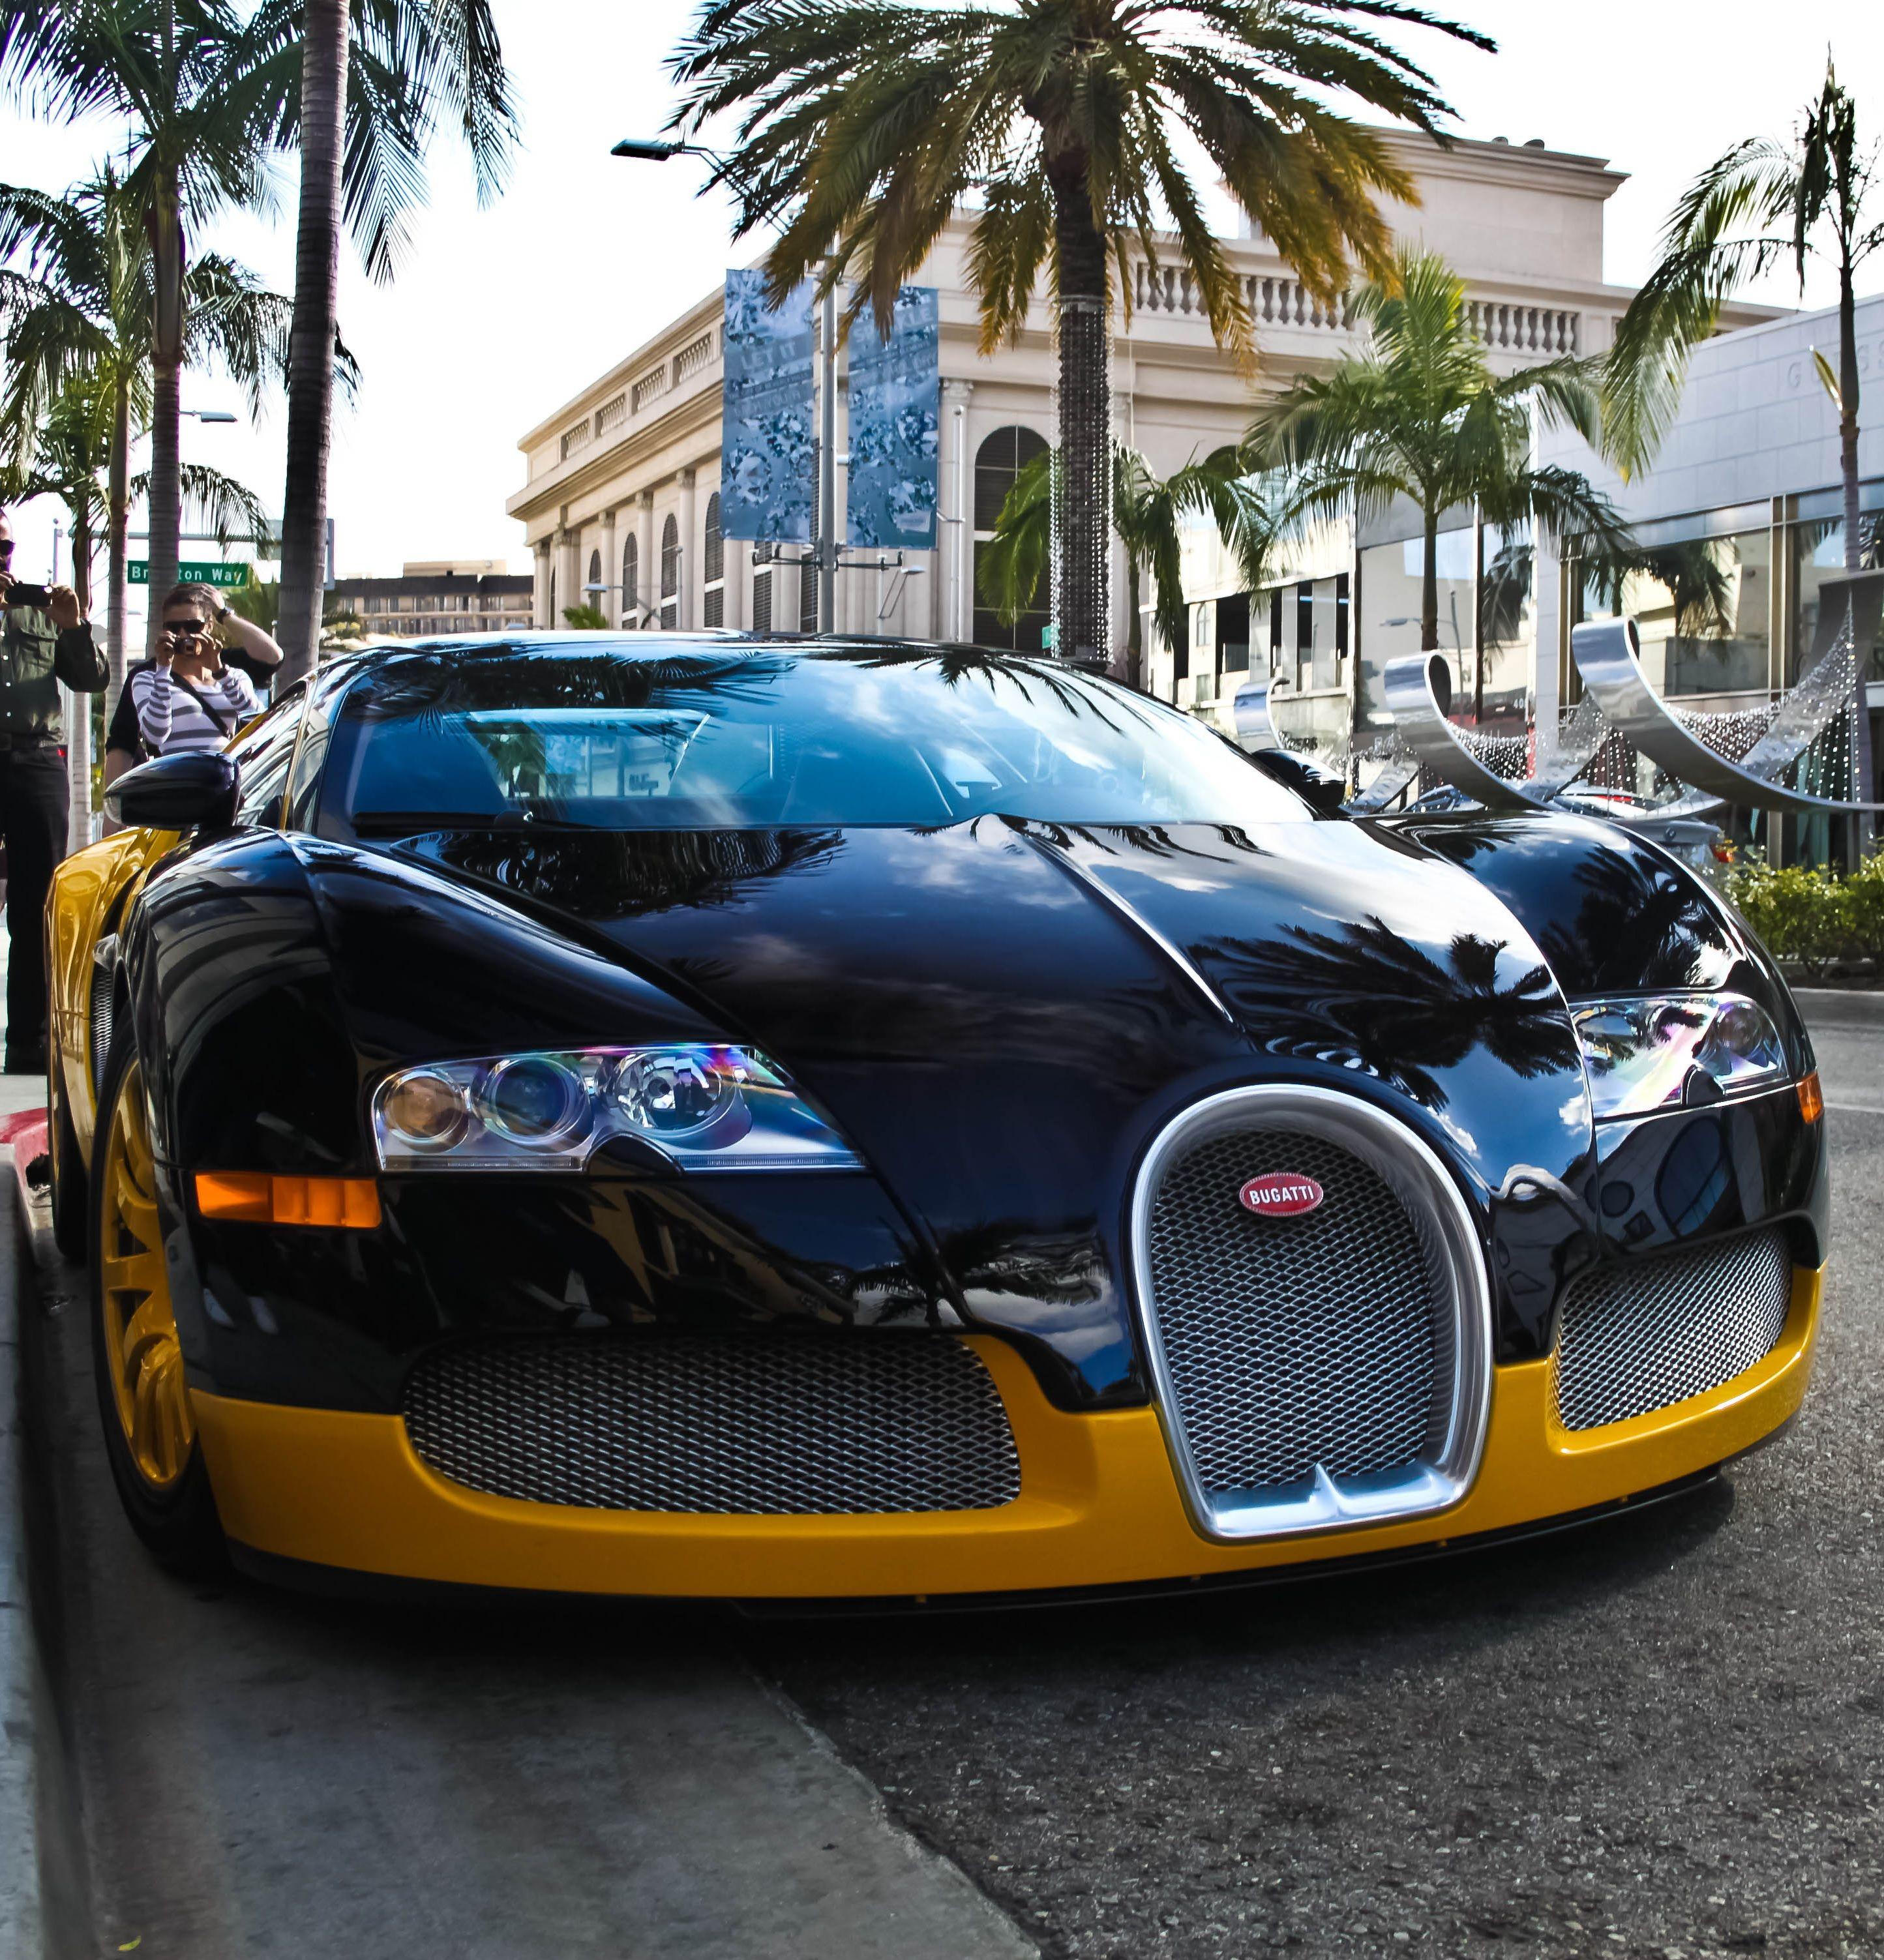 Bugatti Veyron Bugatti Bugatti Cars: Bugatti Cars, Bugatti Veyron